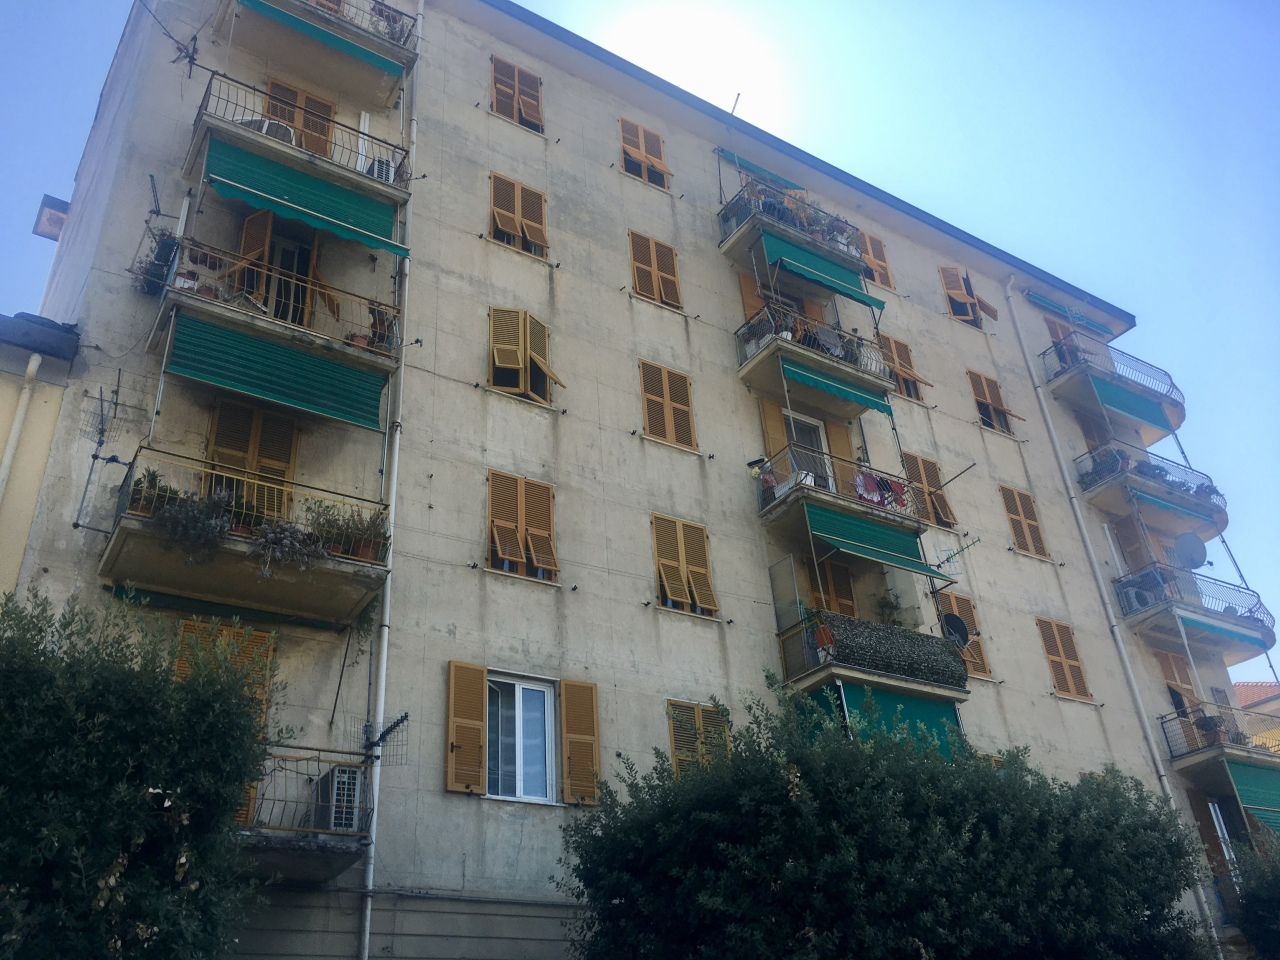 Artigianali a Pitelli, La Spezia